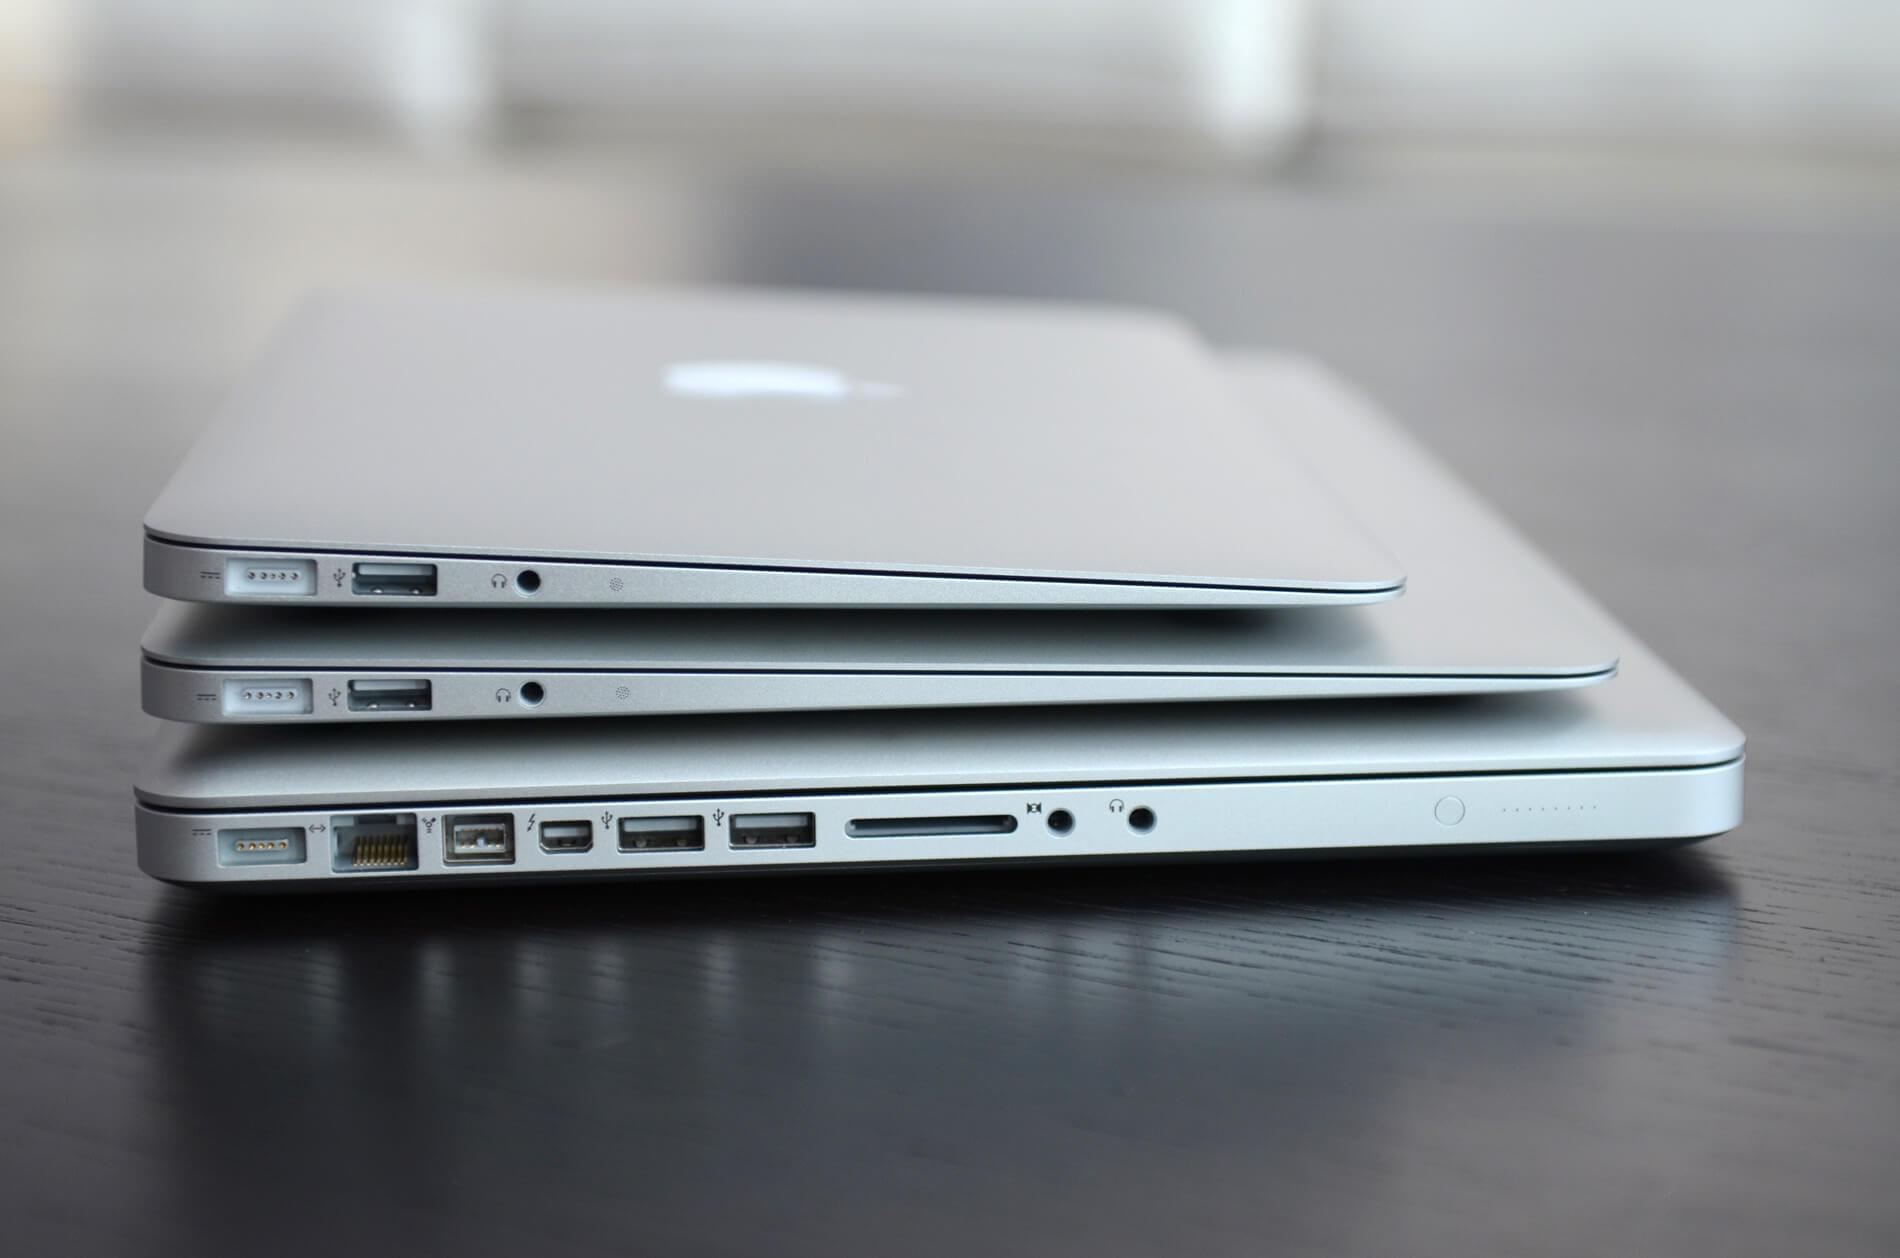 Can Sage 300 run on MAC?